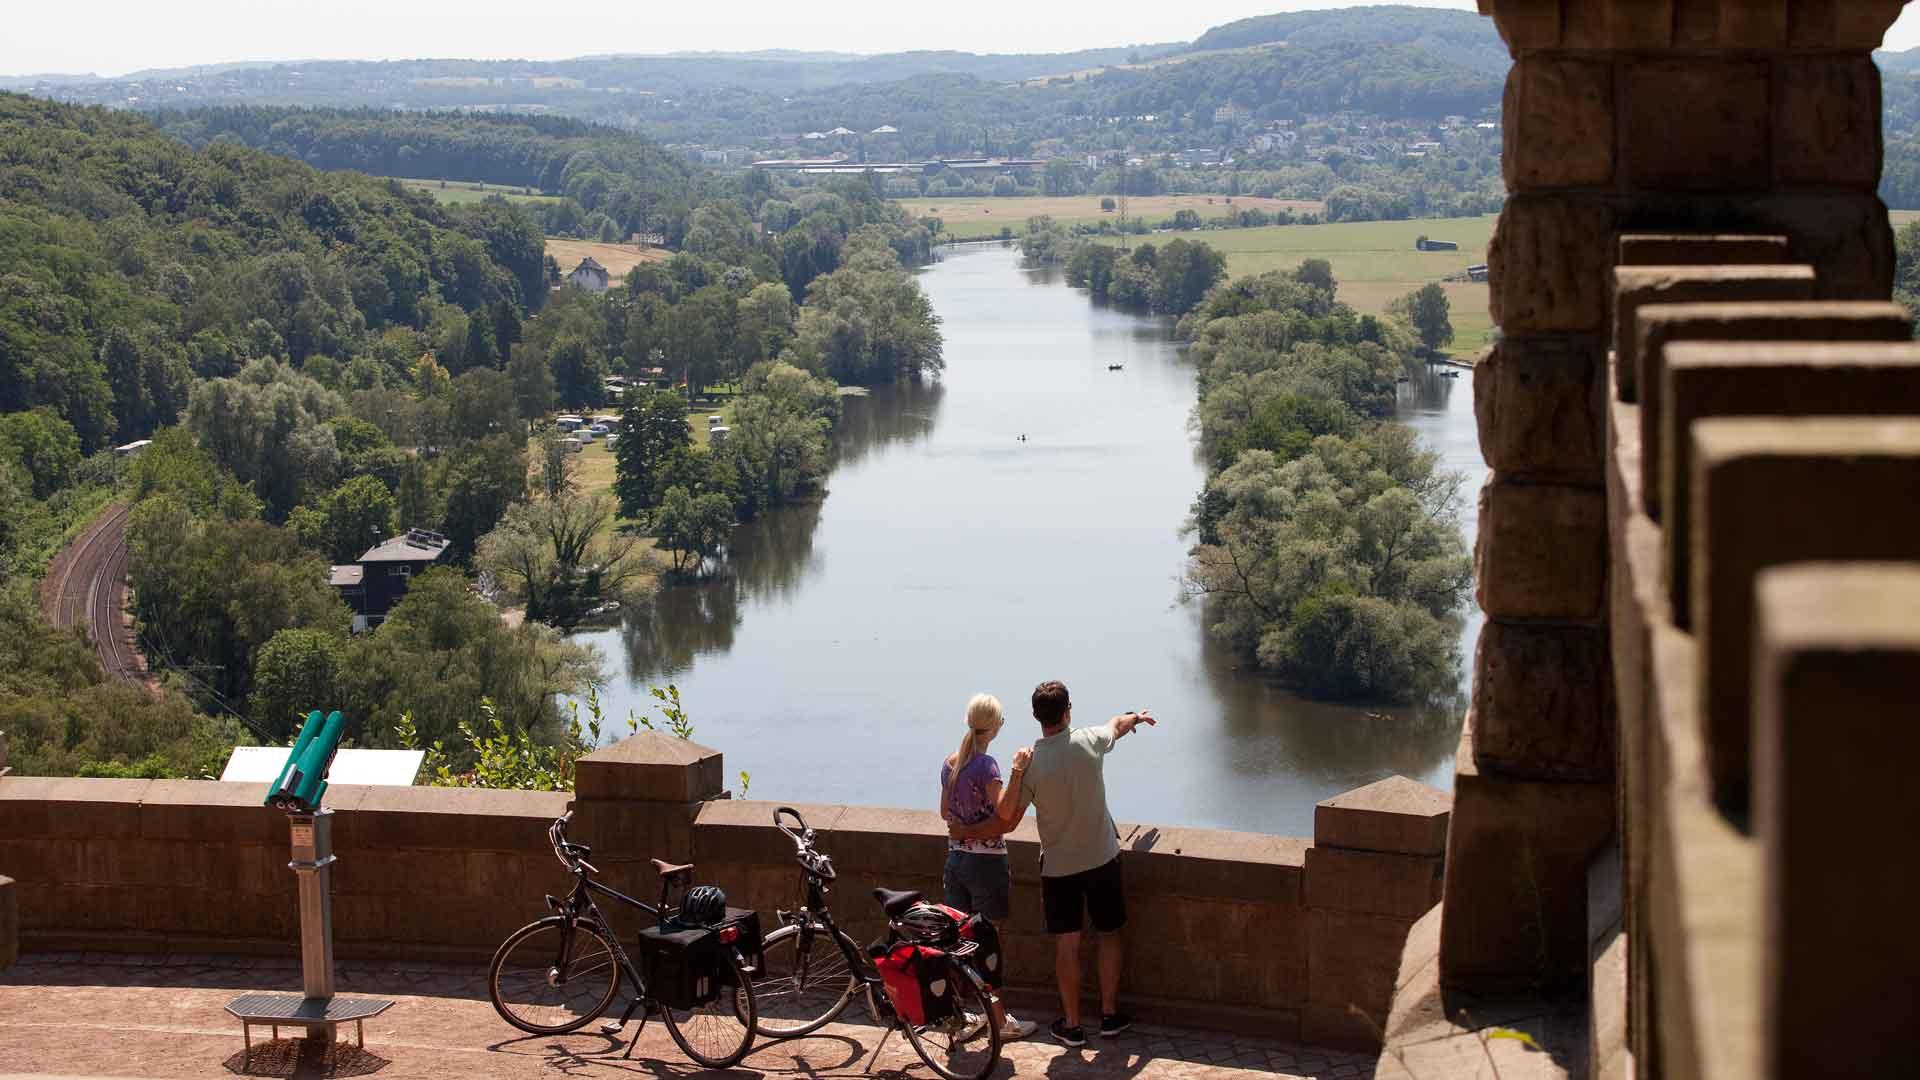 Vanaf de uitkijktoren op het Bergerdenkmal in Witten heb je een schitterende uitzicht. © RuhrtalRadweg